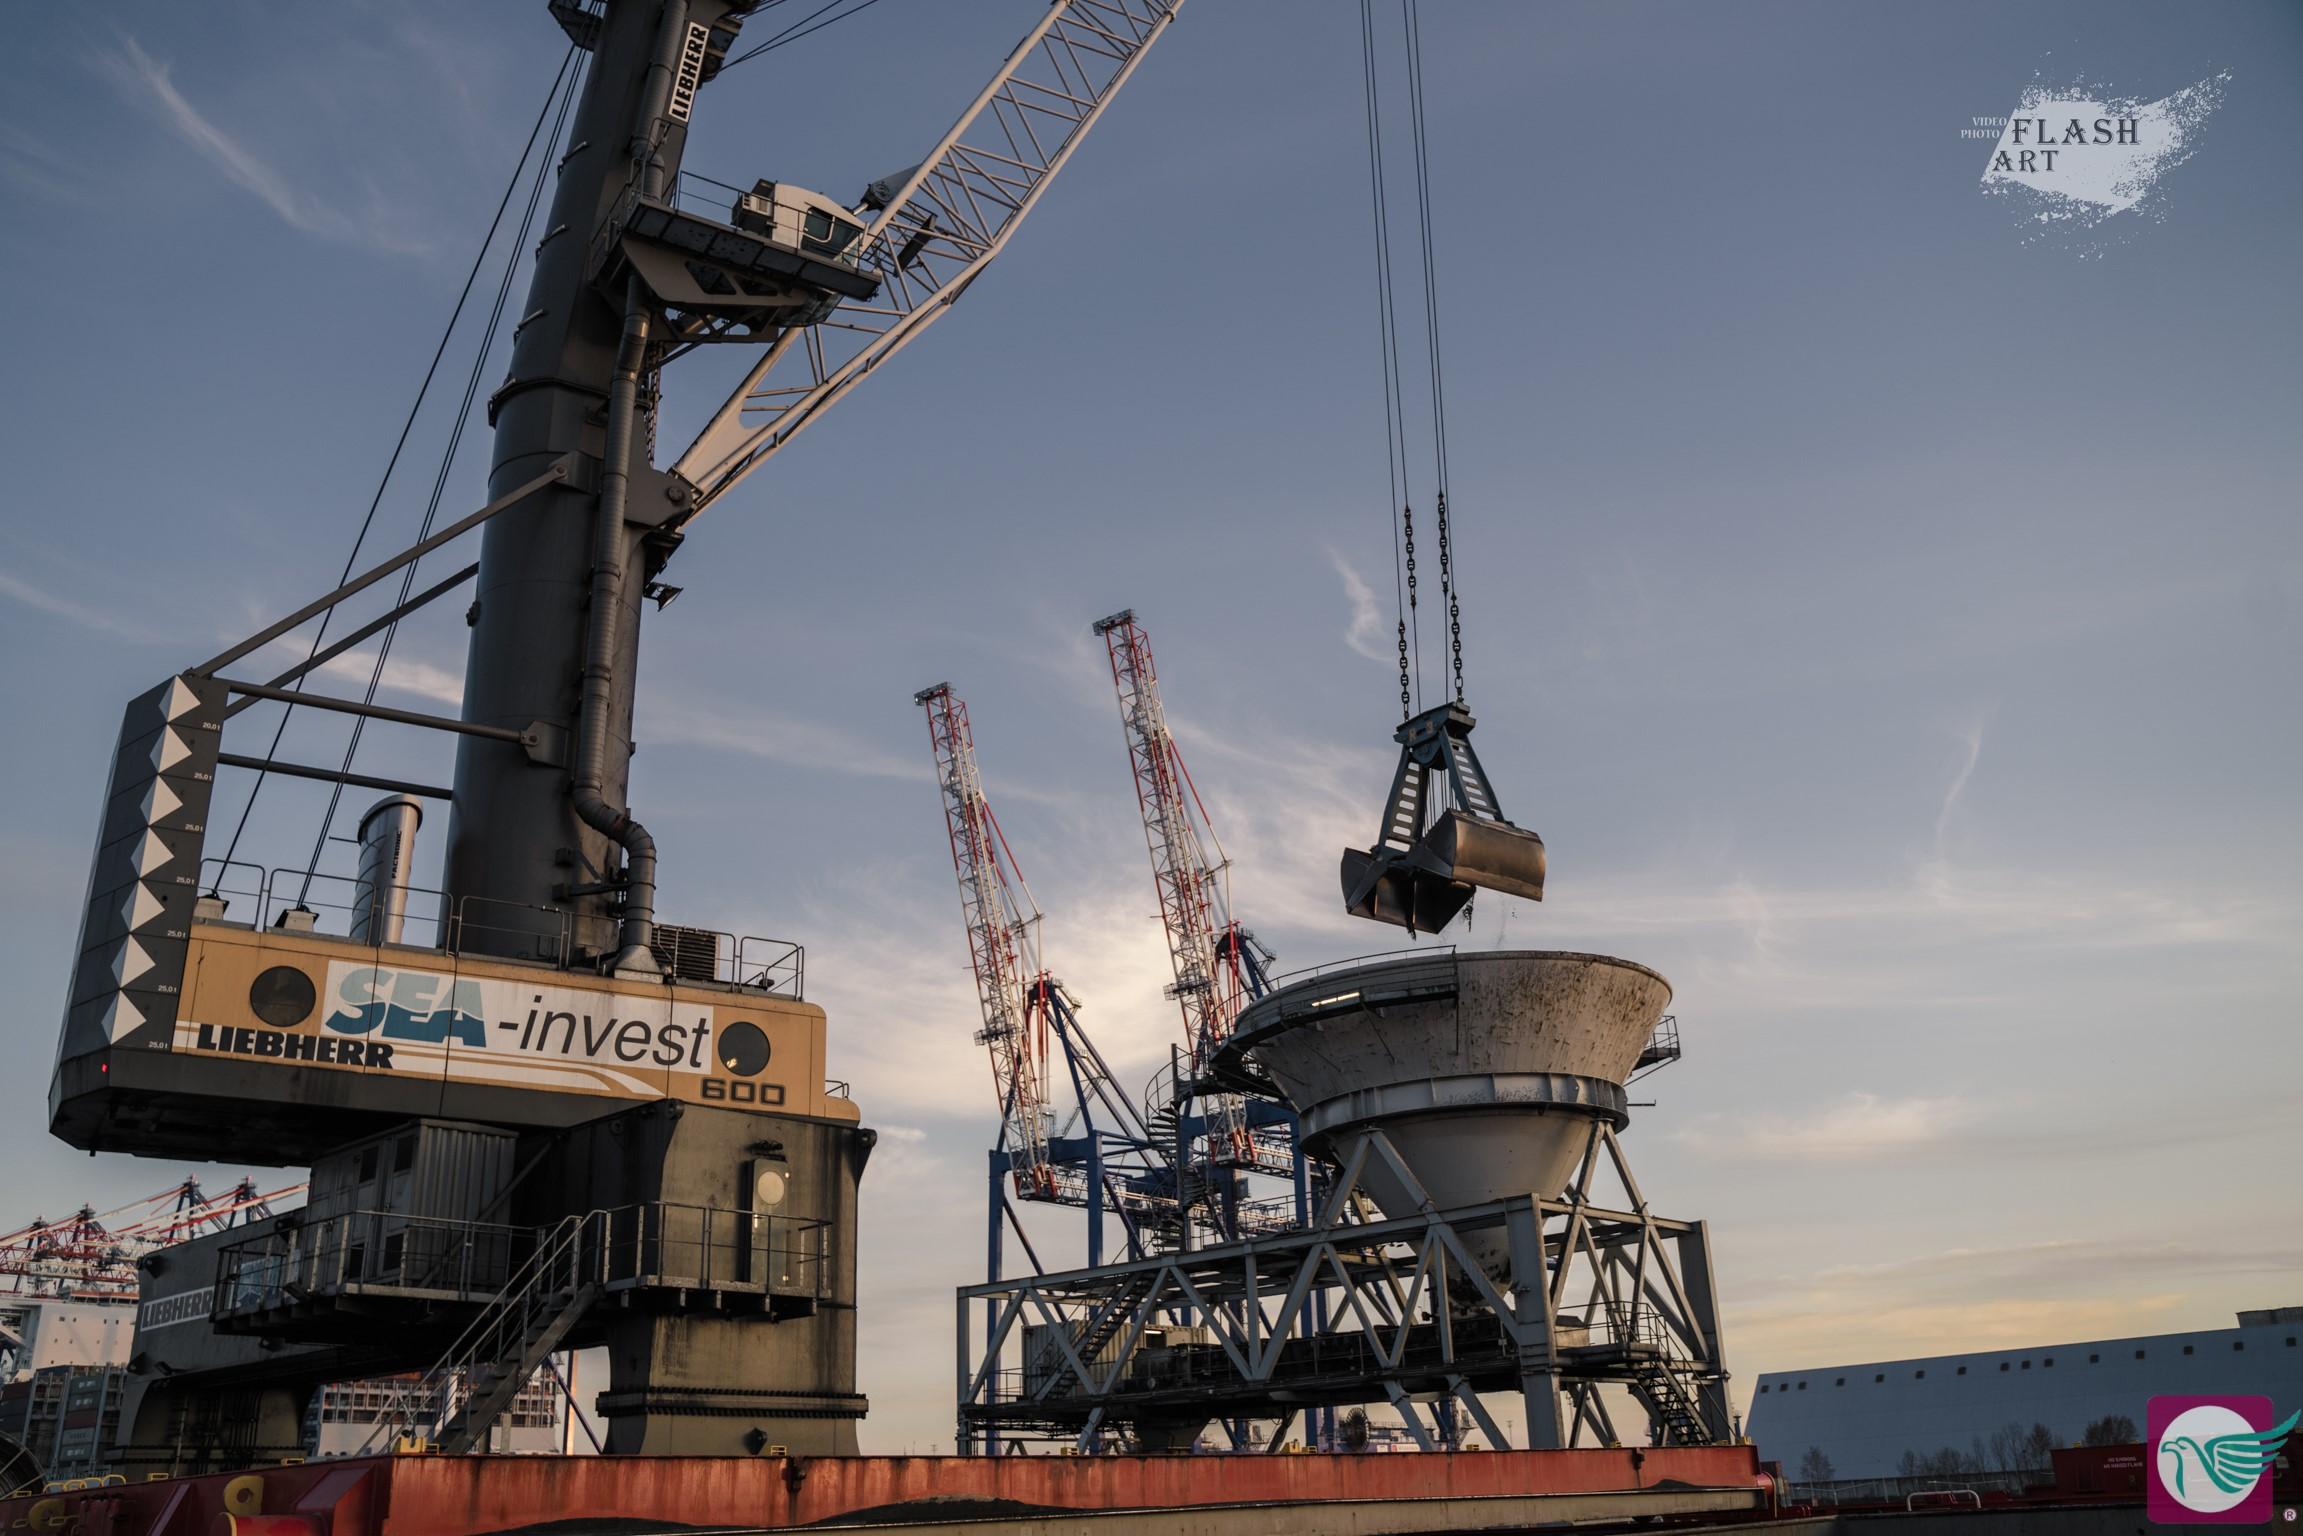 węgiel koksujący Gdańsk port import przeładunek statek nabrzeże